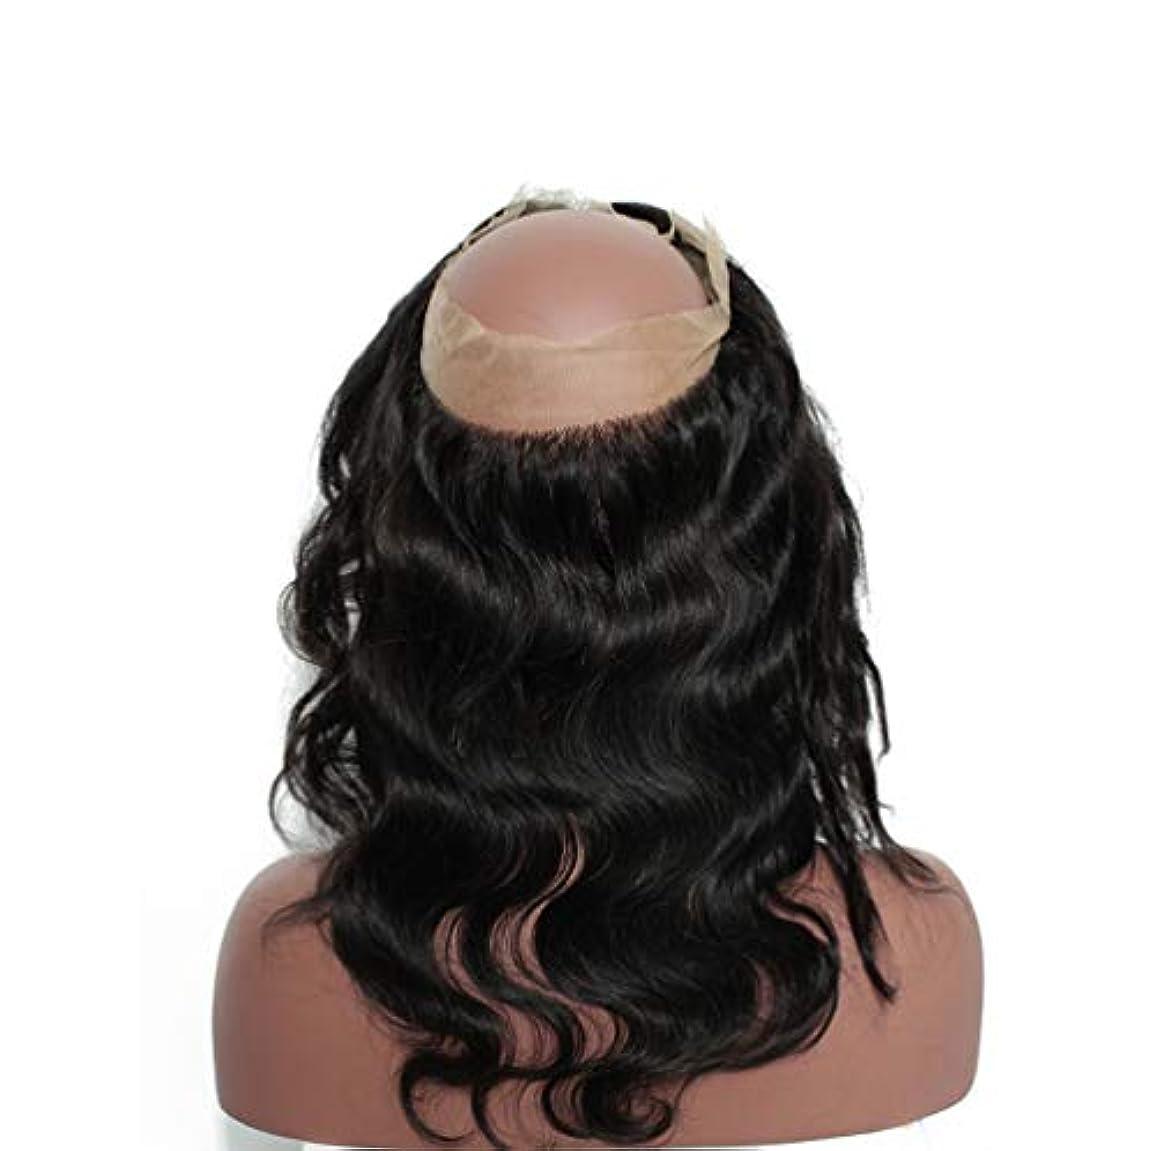 正確薬用メダル女性360レースヘアブロック8aブラジル実体波閉鎖人間の髪未処理ブラジルバージンヘア実体波人間の髪